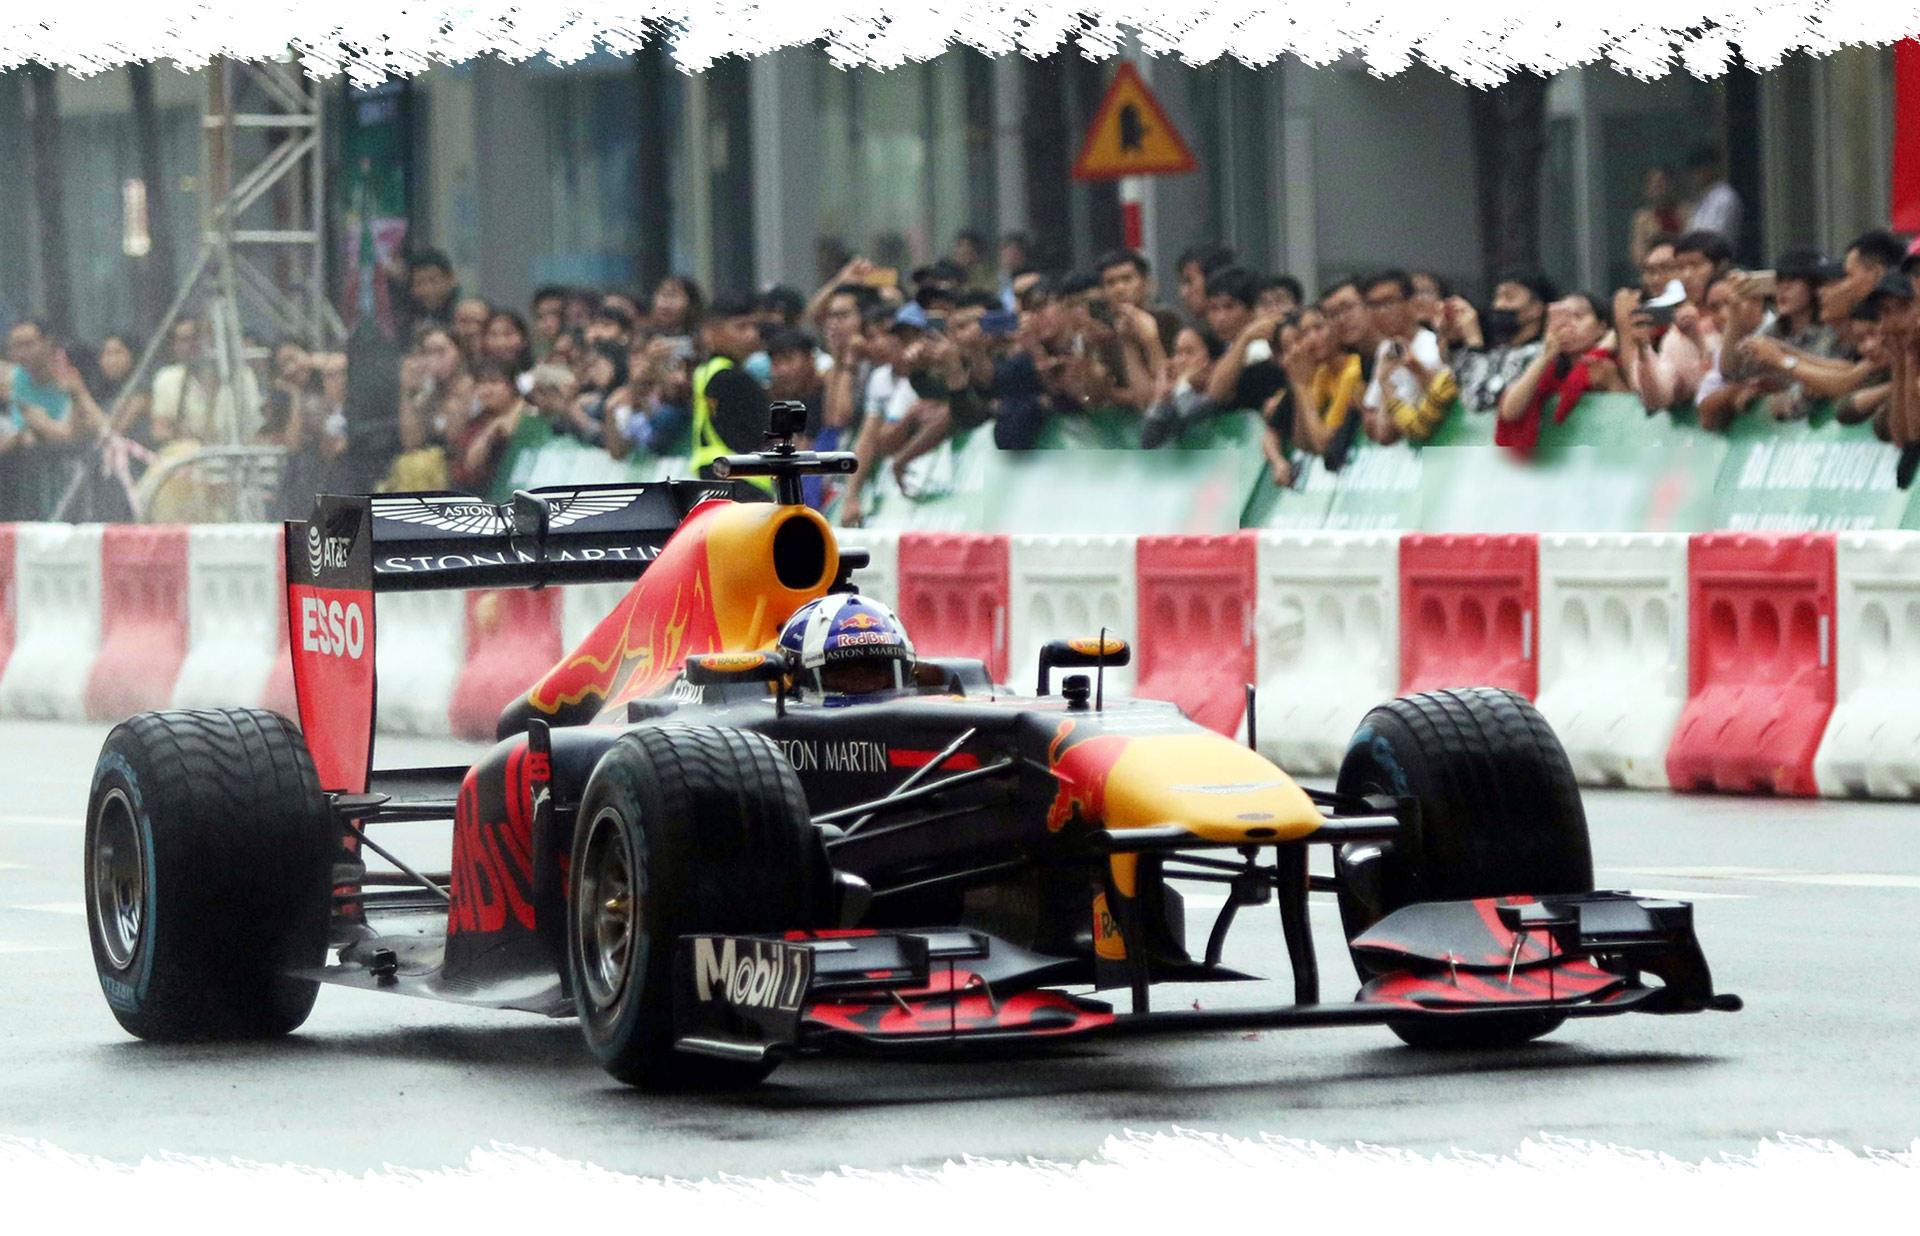 Việt Nam đăng cai F1: Cú hích lịch sử và giấc mơ sắp thành sự thực - 5